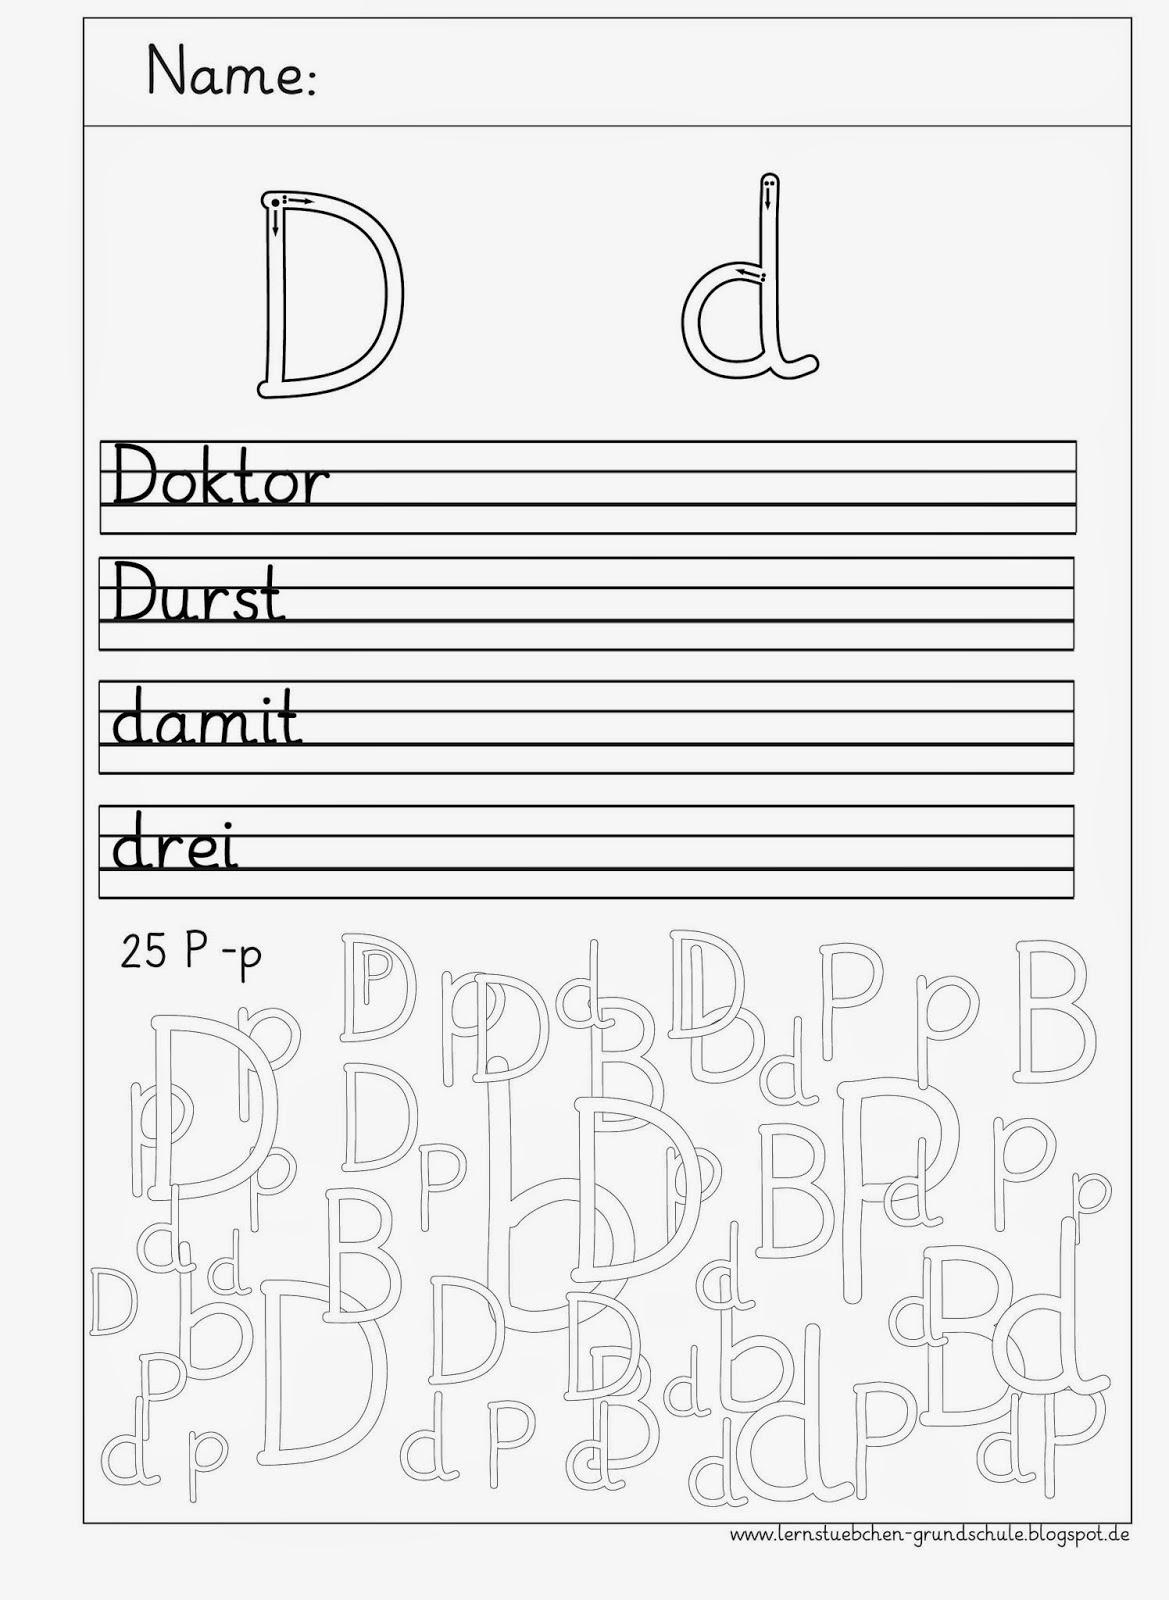 Lernstübchen: D - d Schreibblätter